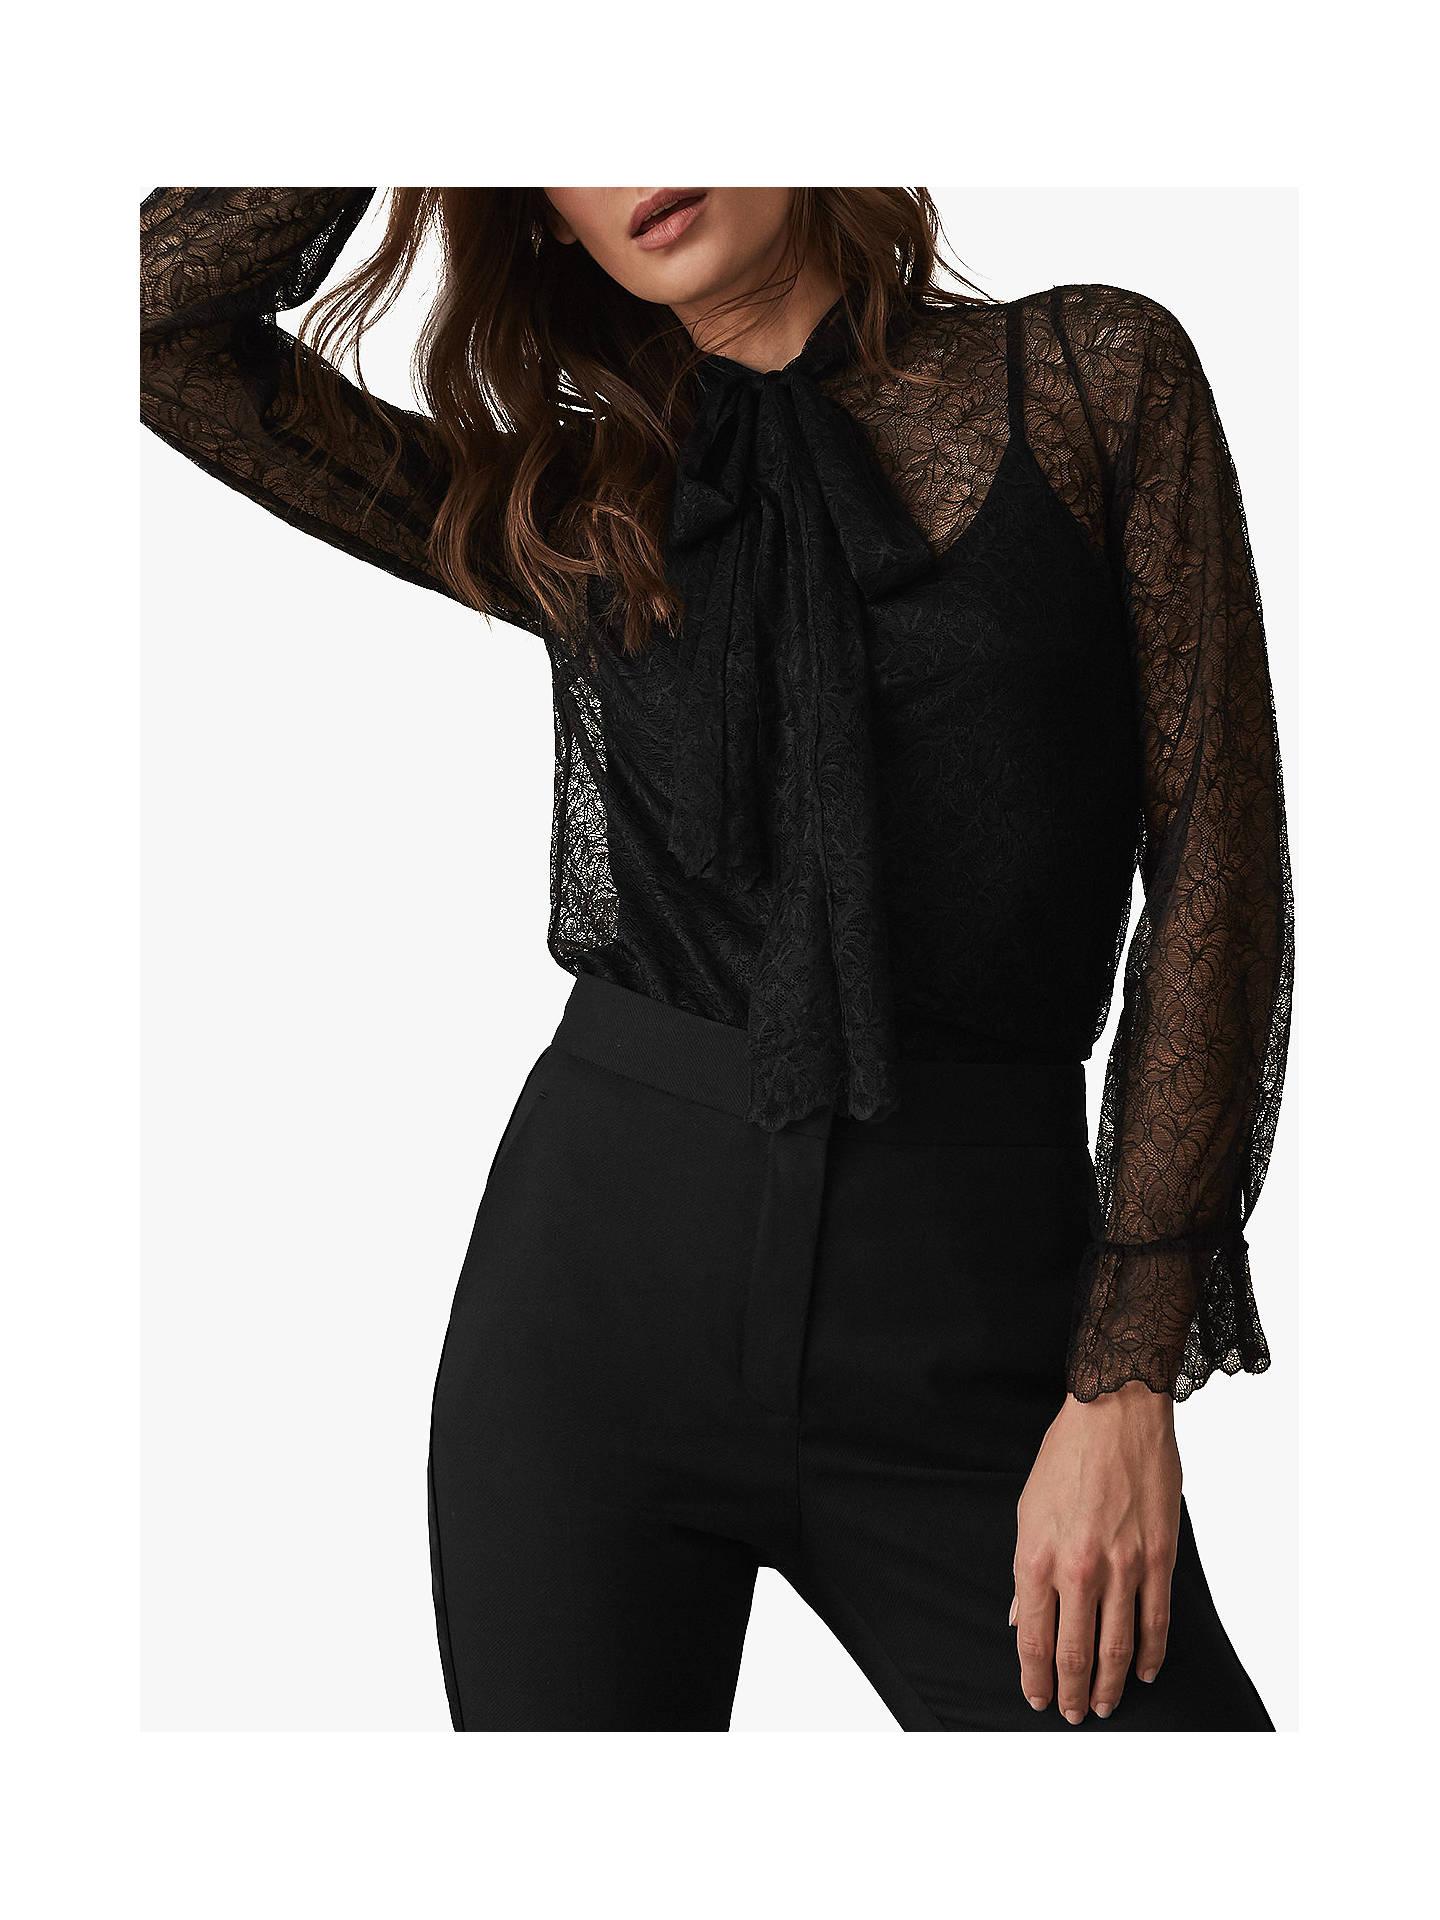 fe6a47096f0c66 ... Buy Reiss Oriel Lace Tie Neck Top, Black, 6 Online at johnlewis.com ...